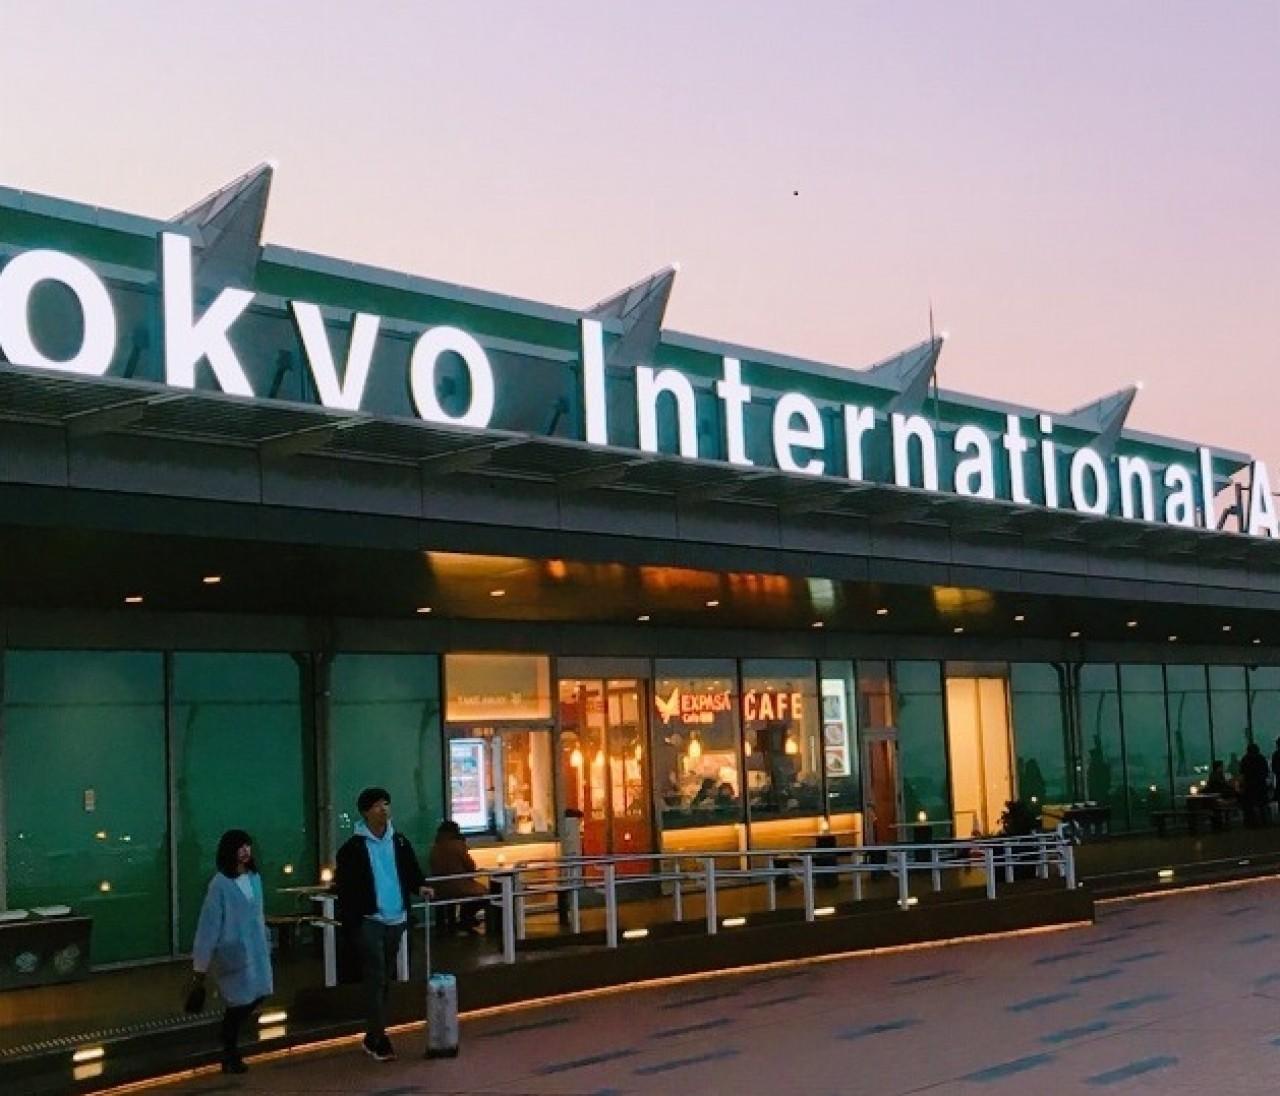 【プラネタリウム×カフェ×空港】という、最高に癒される圧倒的非日常空間があった